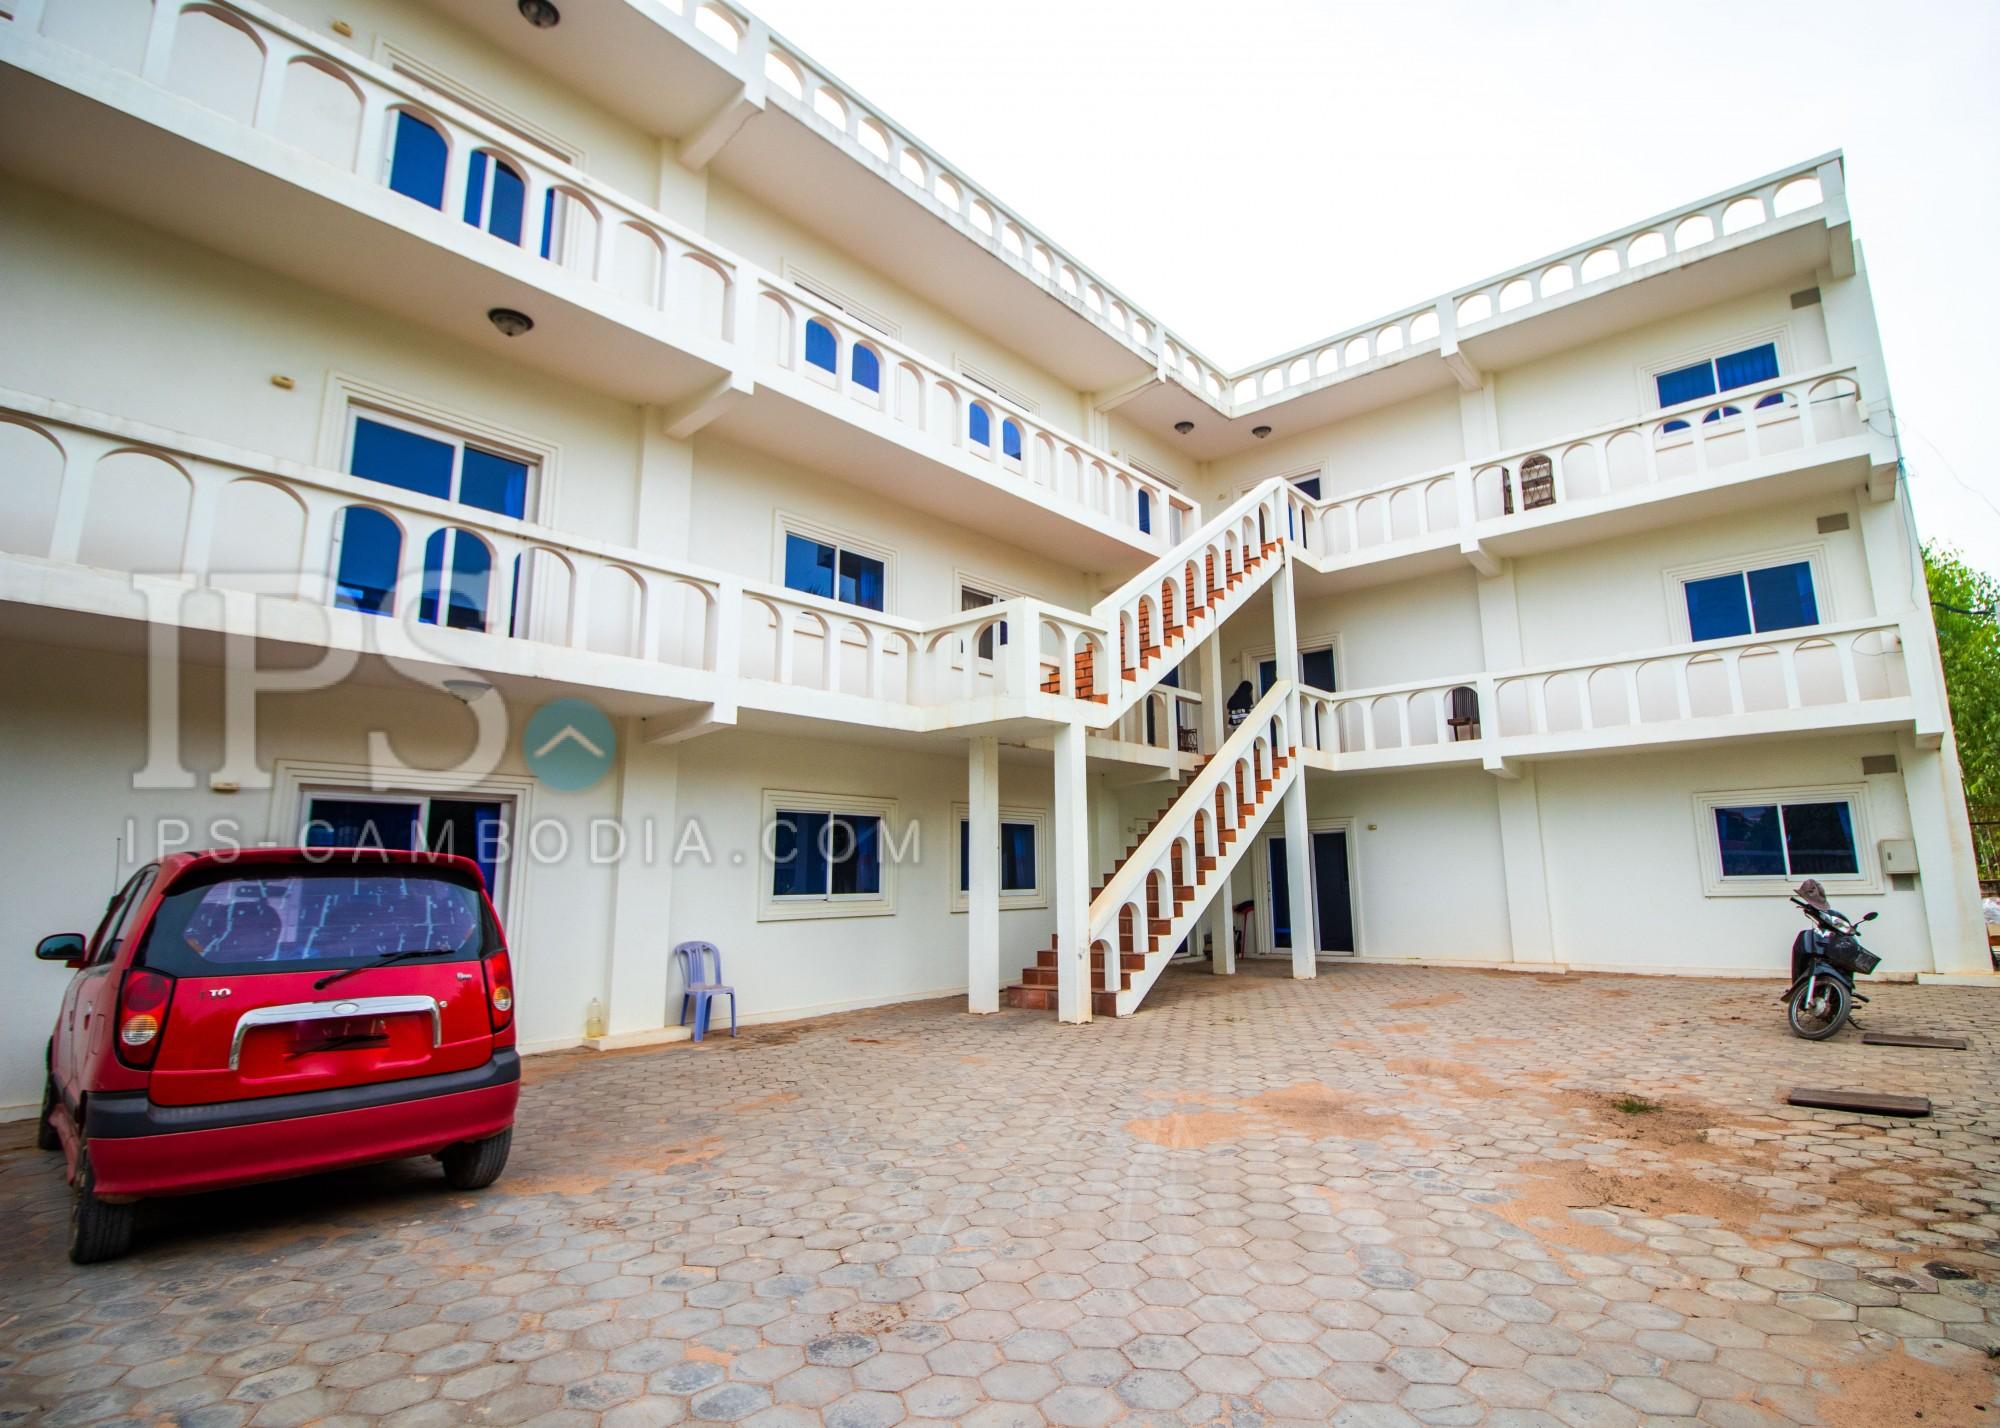 8 Unit Apartment Building For Sale - Sra Ngae, Siem Reap